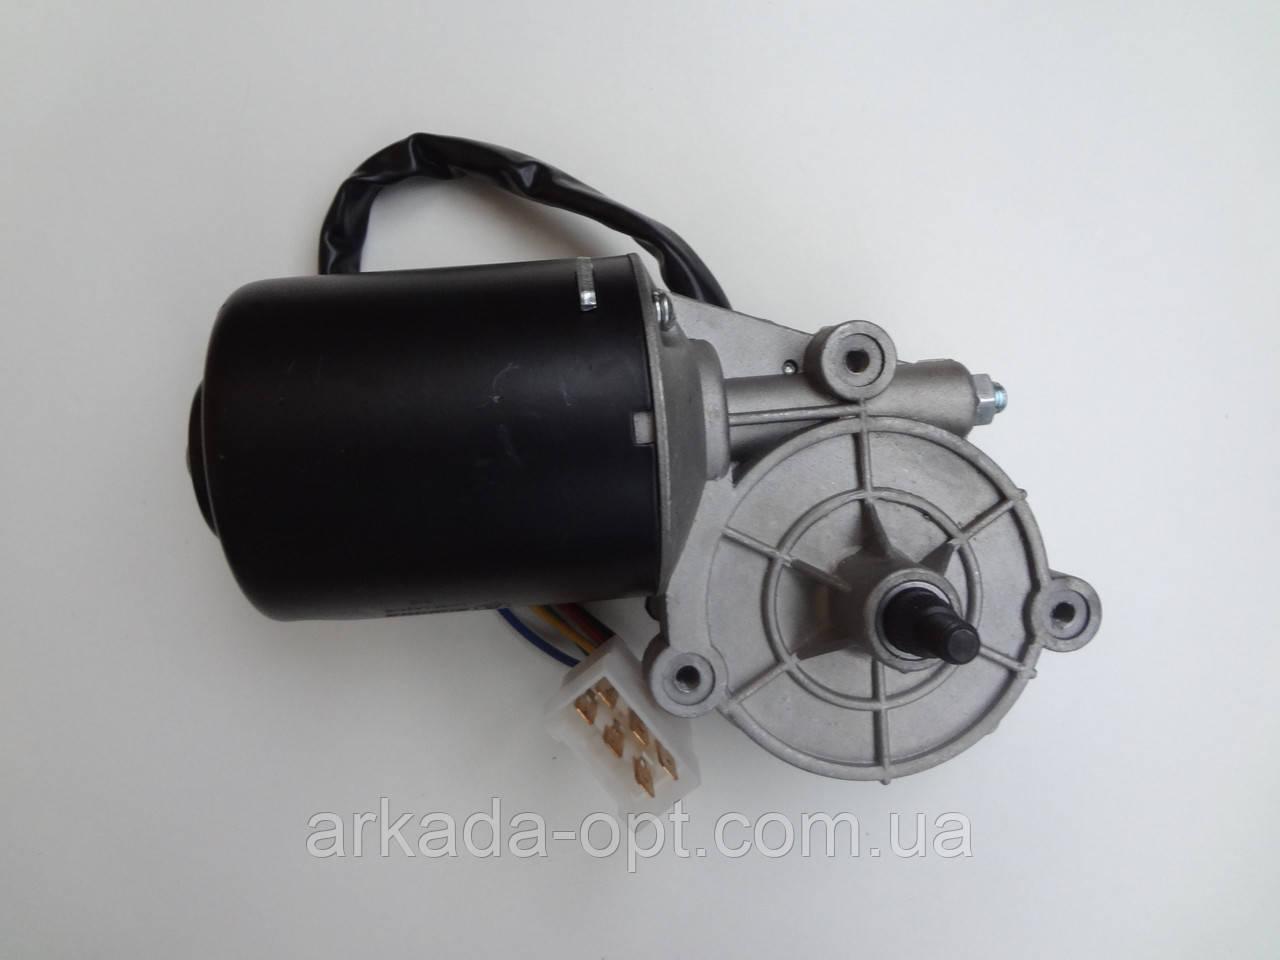 Мотор склоочисника ВАЗ 2108 21099 3302 Aurora